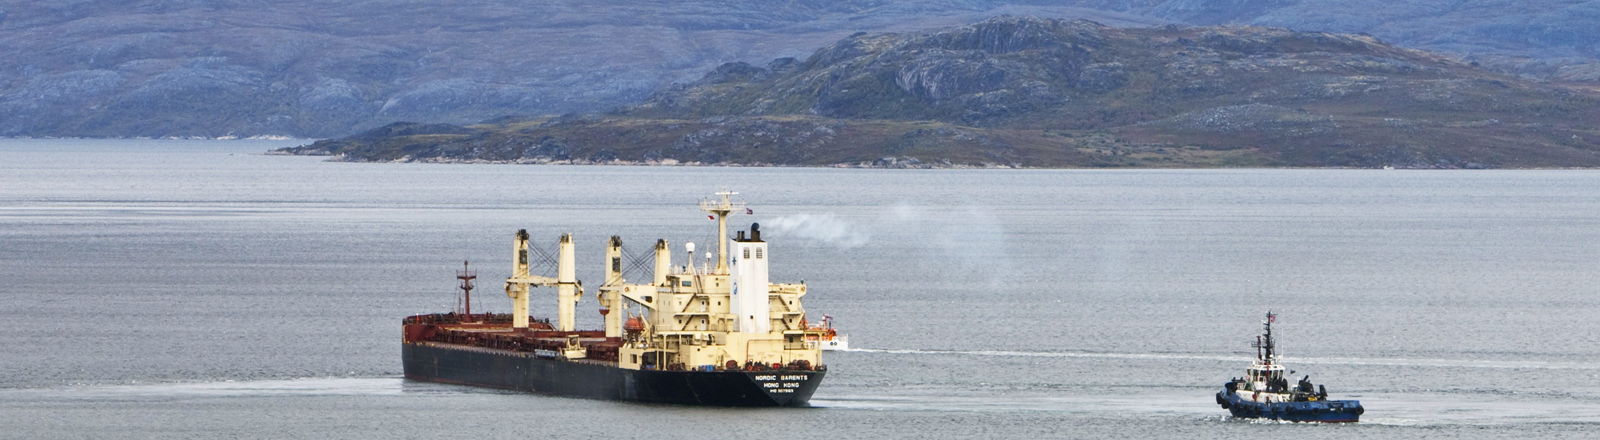 Ein Schiff auf der Nordostpassage